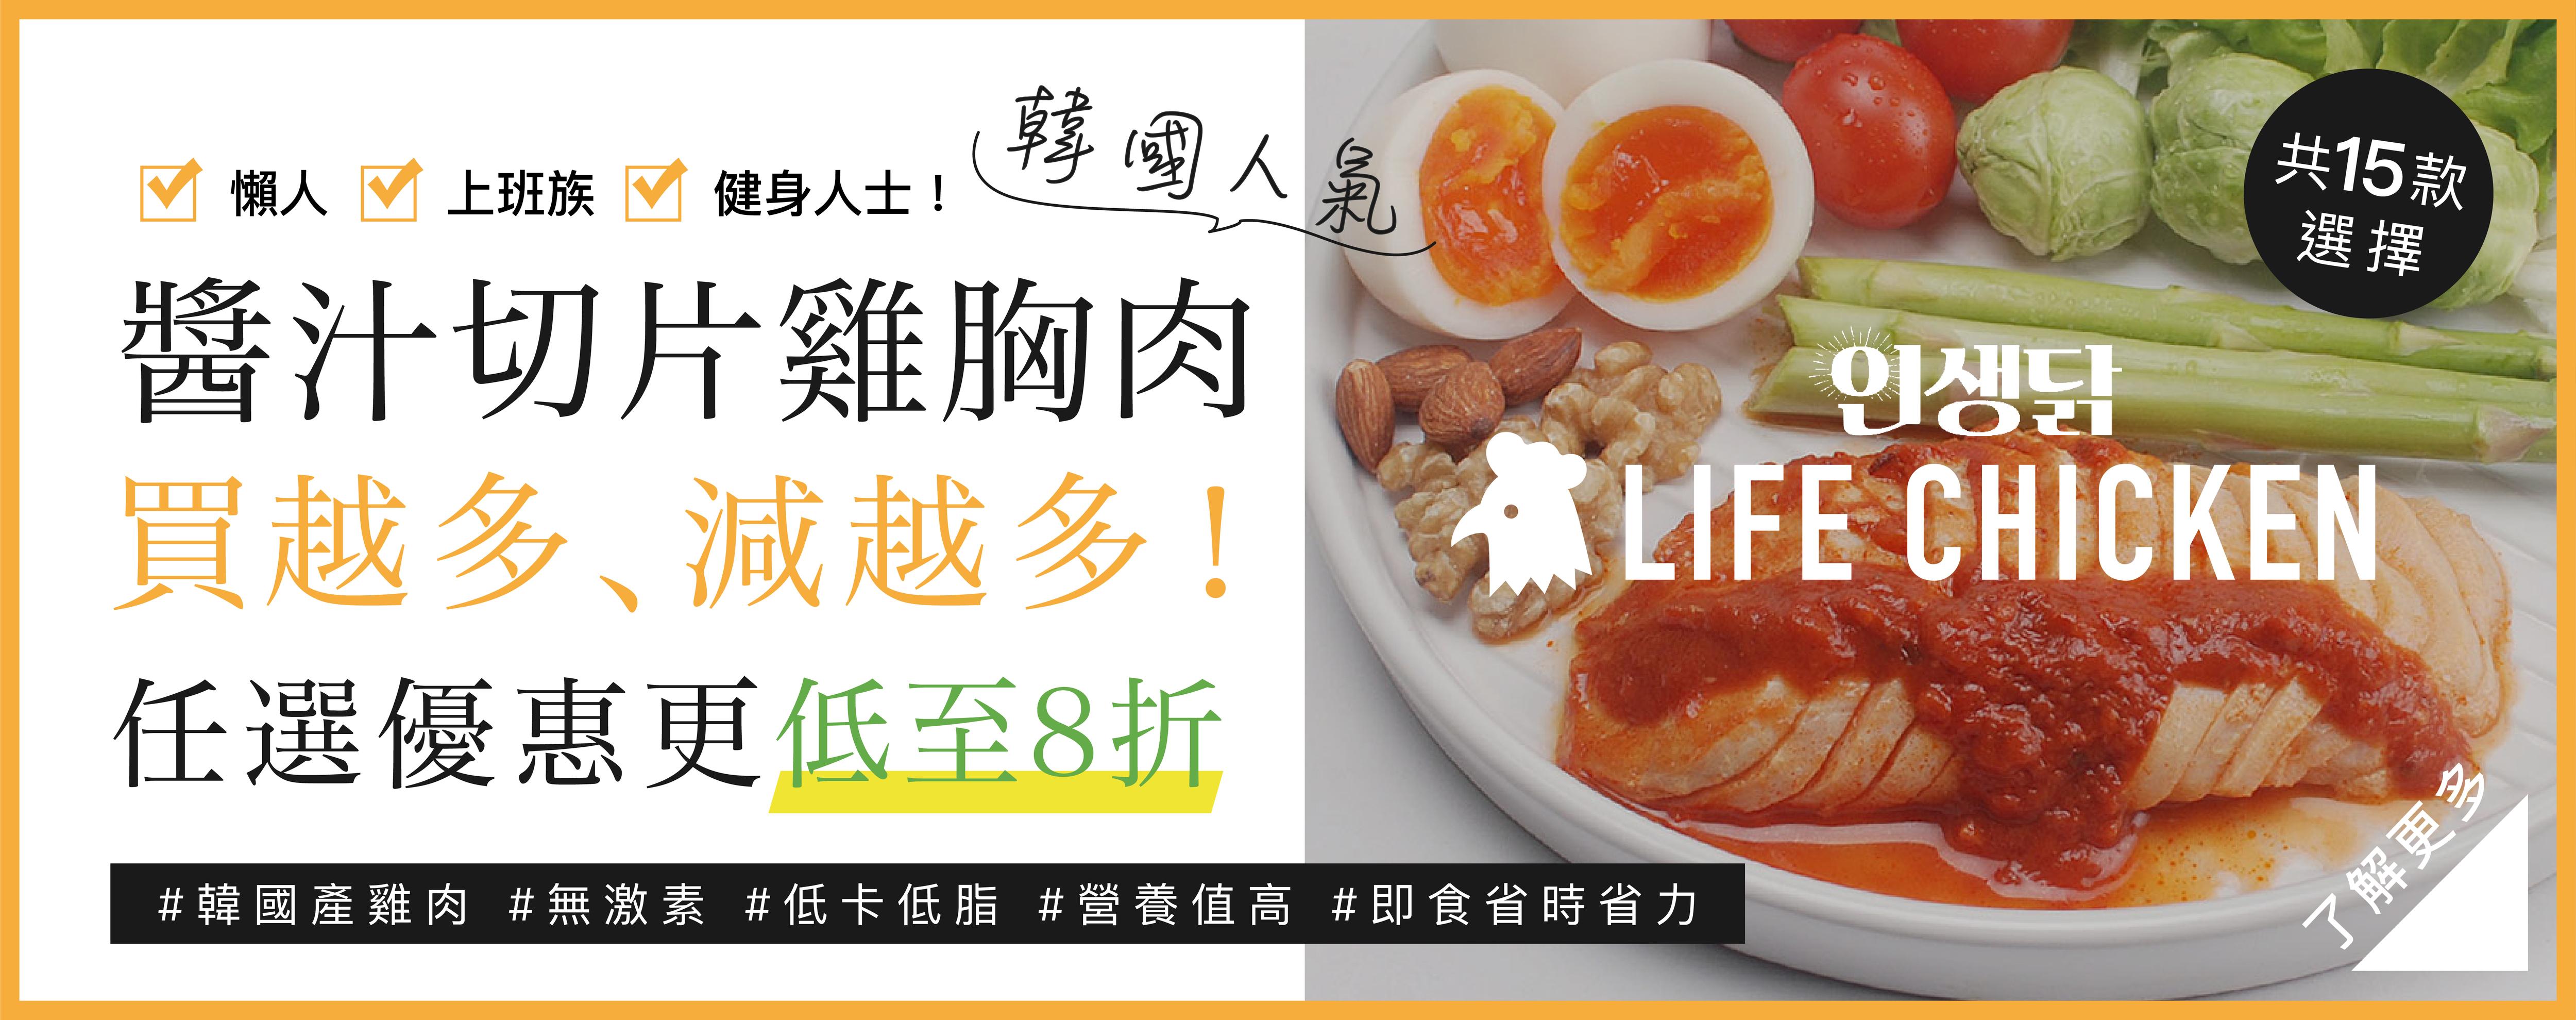 韓國直送 LIFE CHICKEN 醬汁切片雞胸